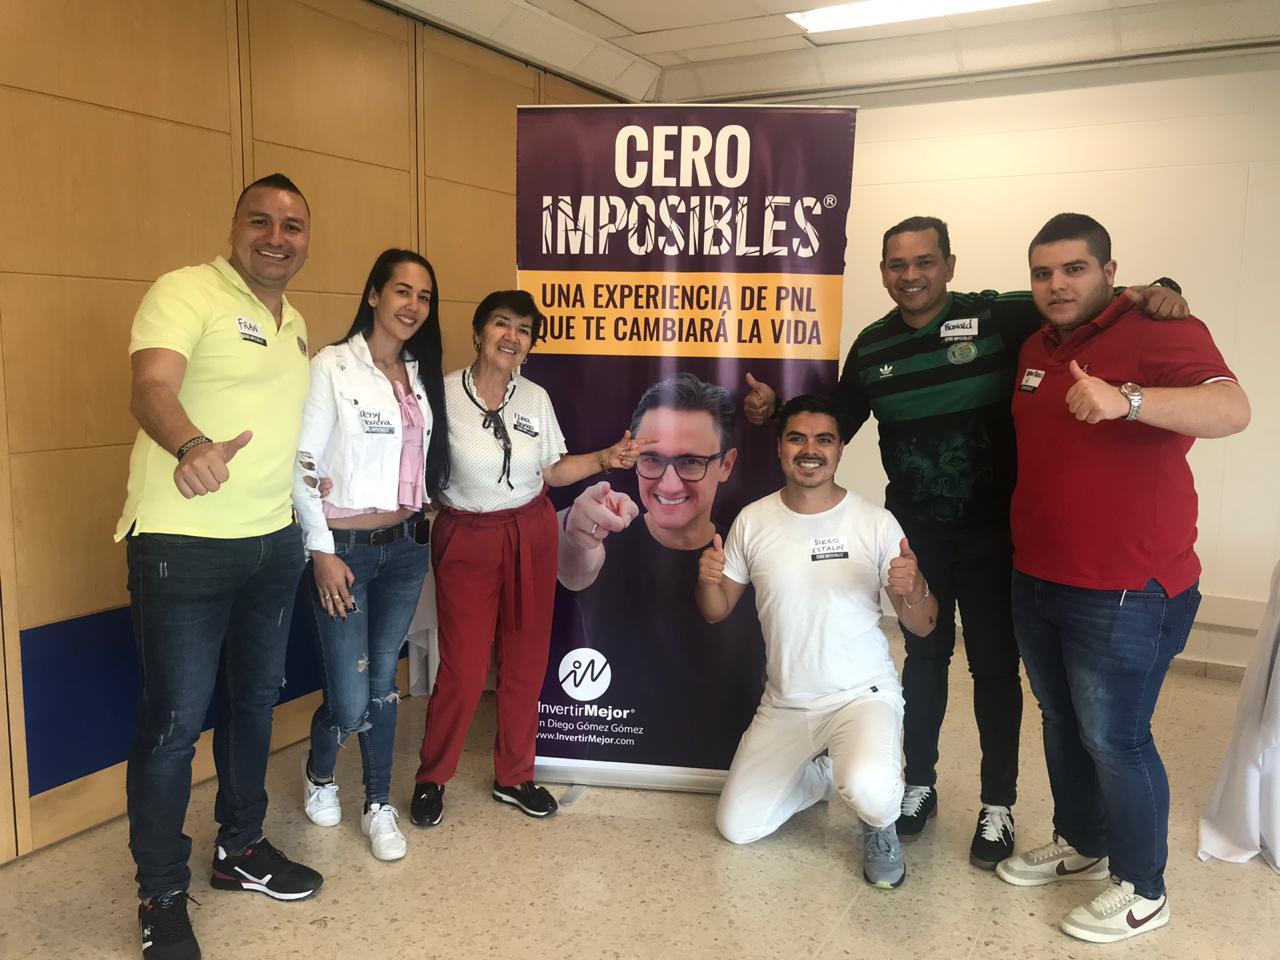 cero-imposibles-medellin-junio-2019-varias65